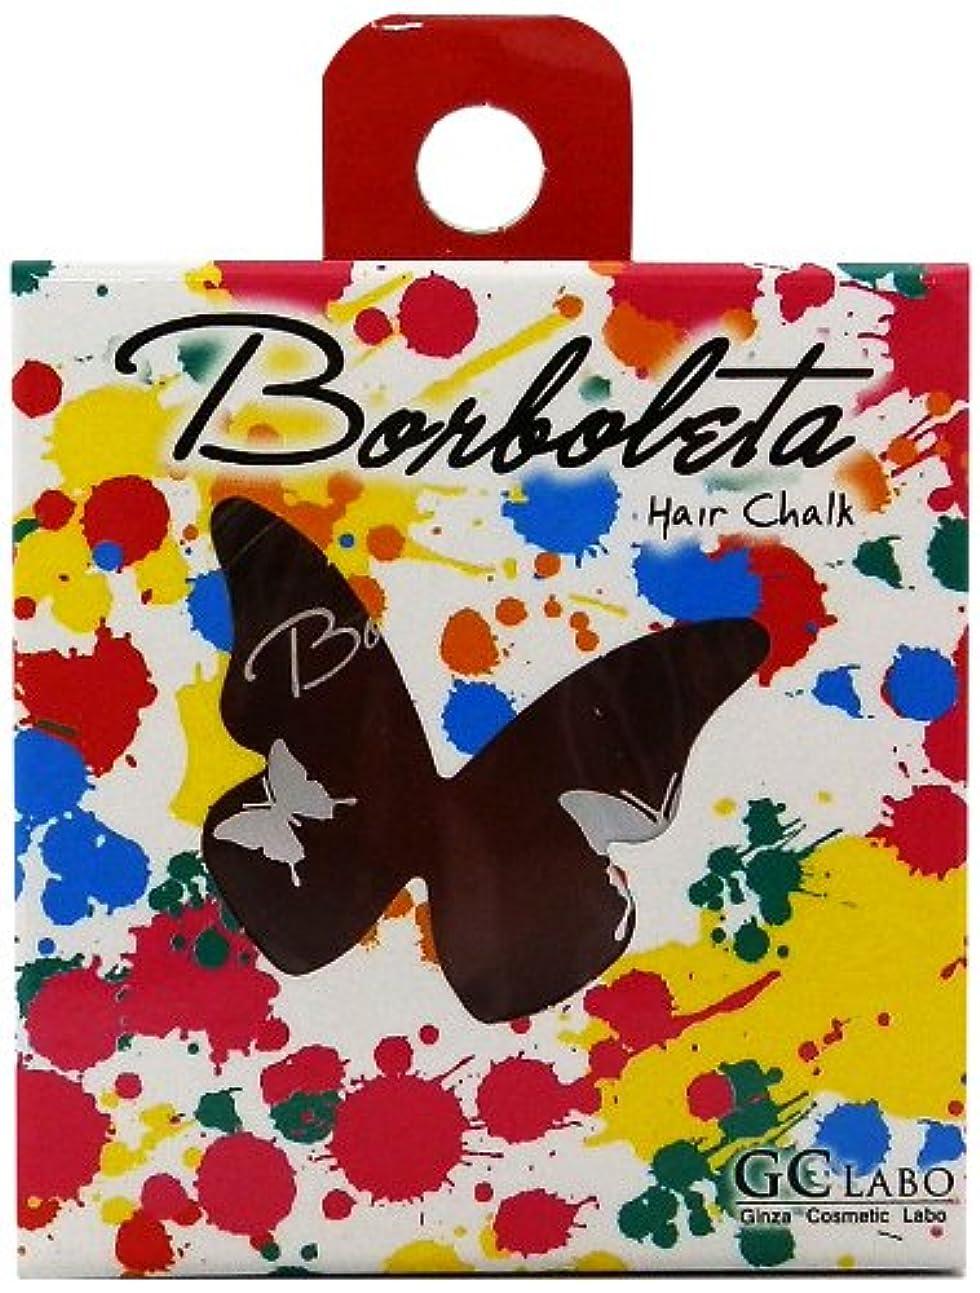 電報グラフシンプルさBorBoLeta(ボルボレッタ)ヘアカラーチョーク レッドブラウン